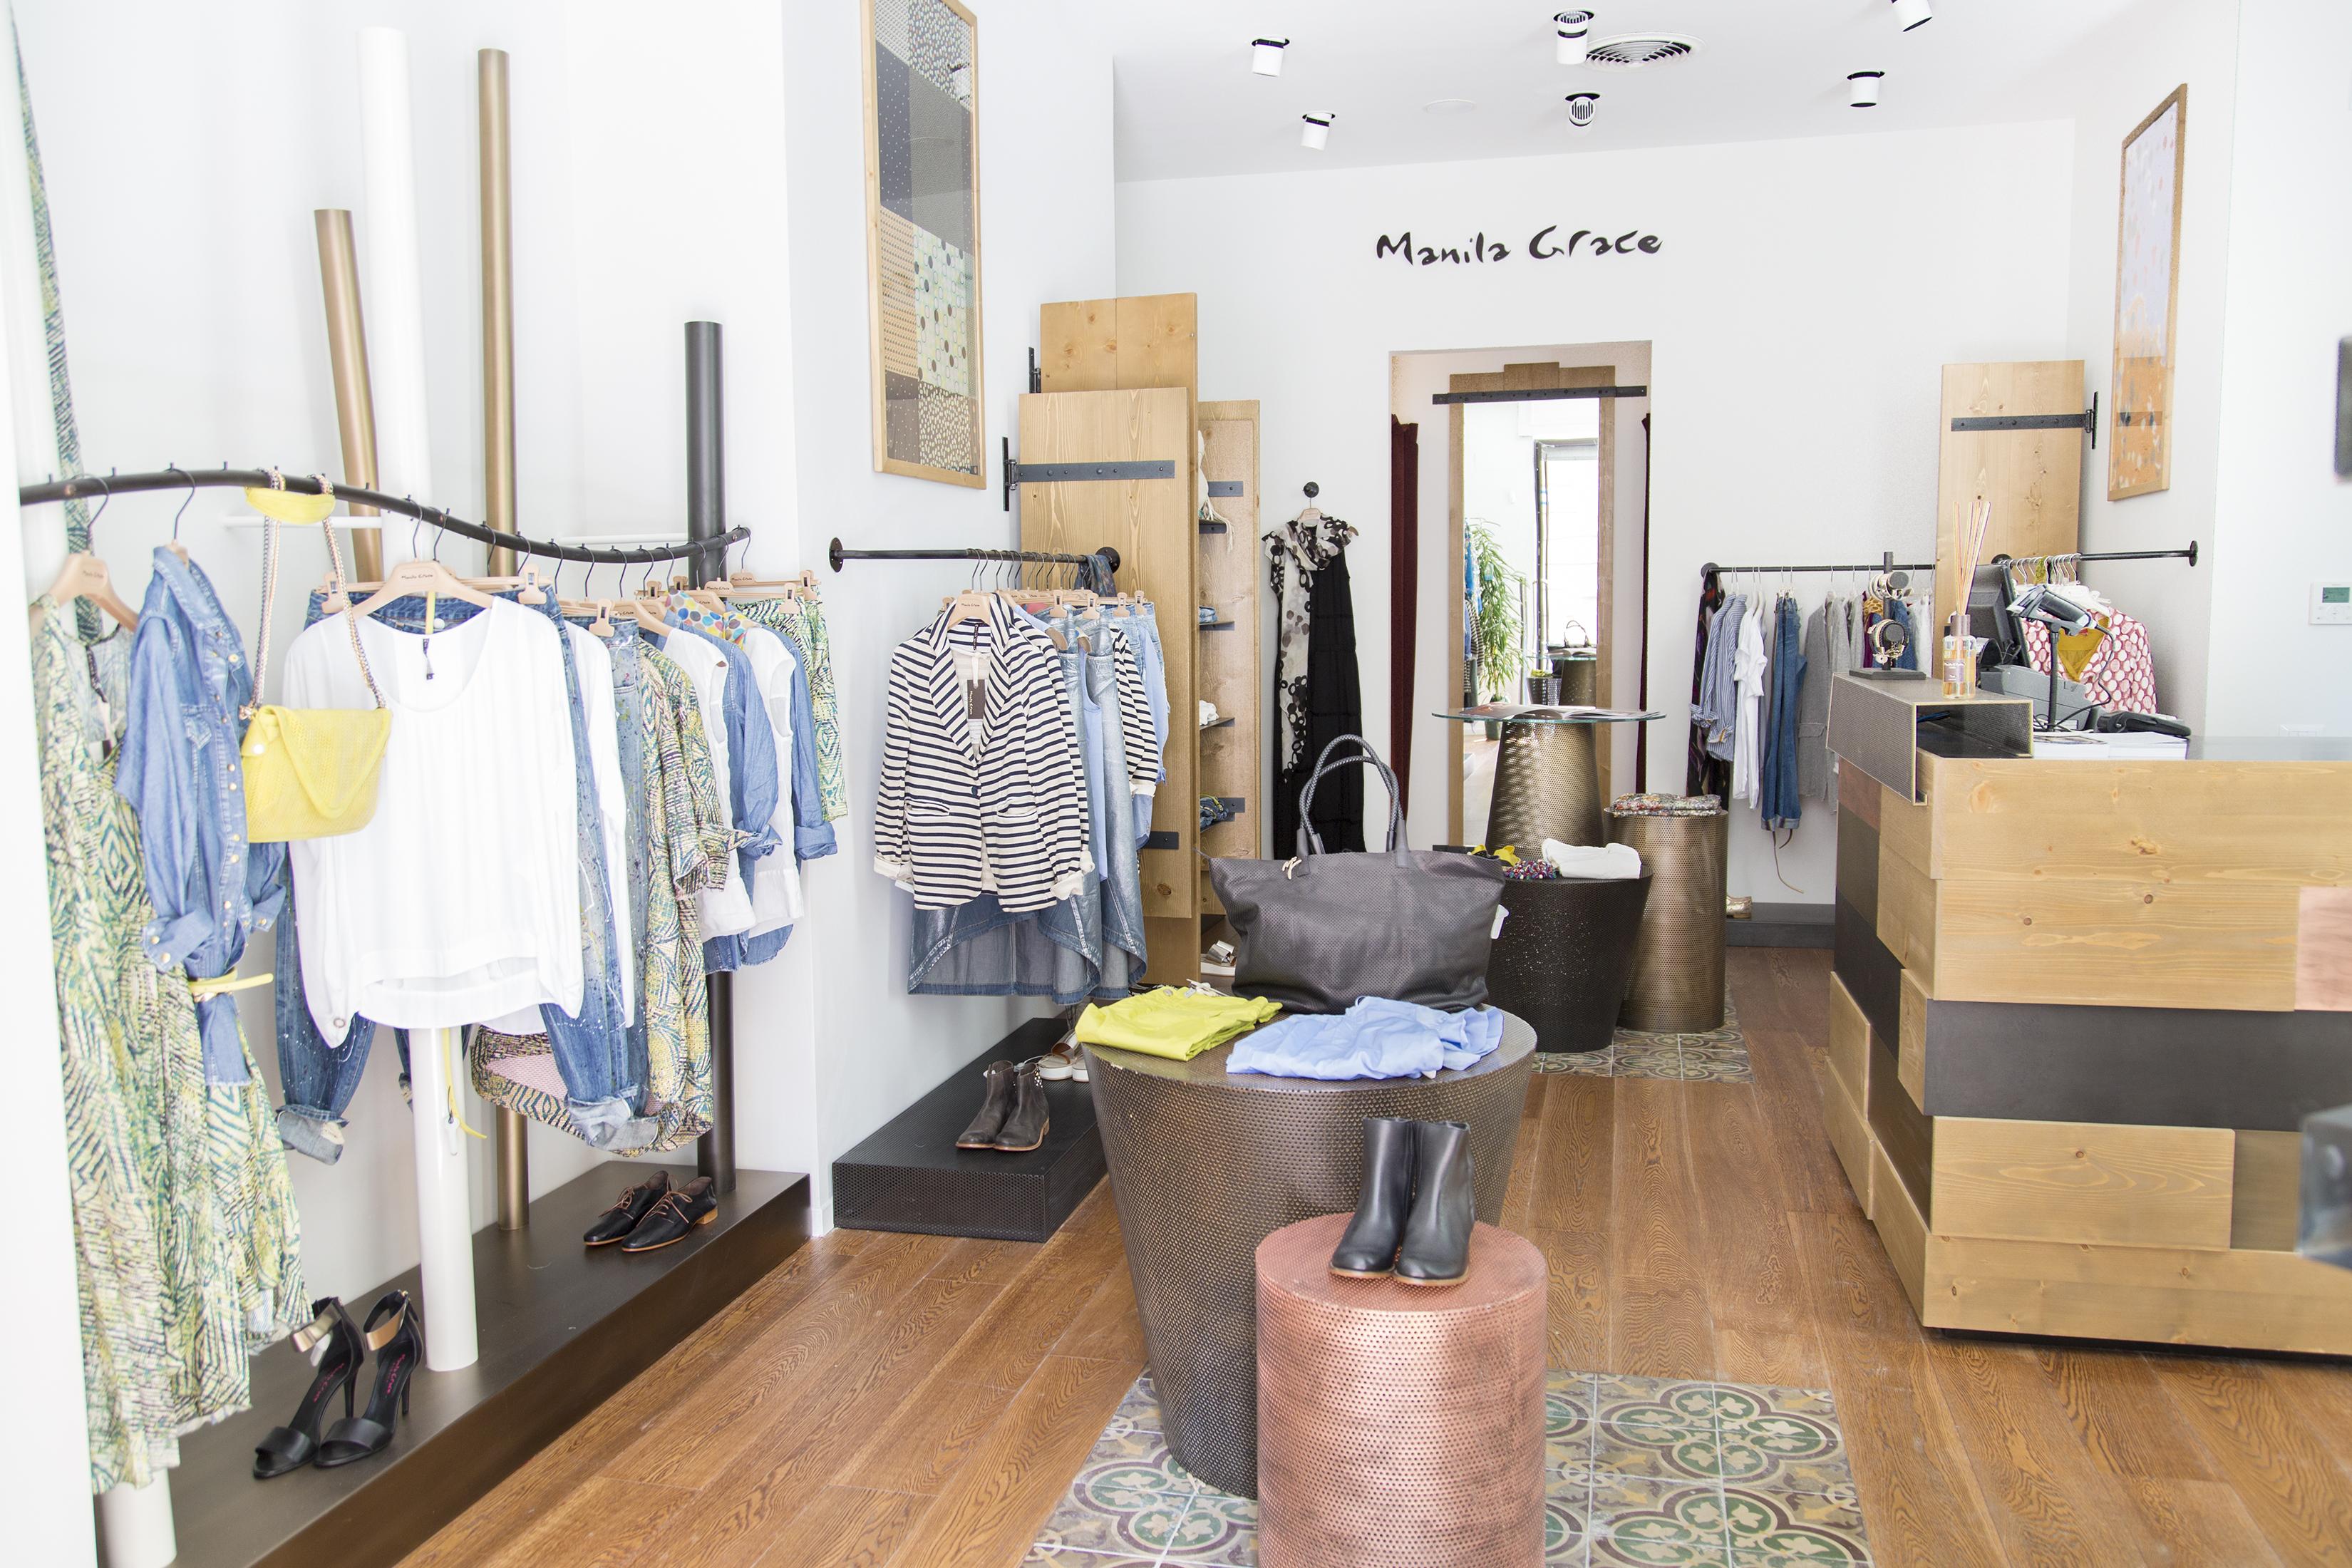 Manila-Grace-Napoli-store-boutique